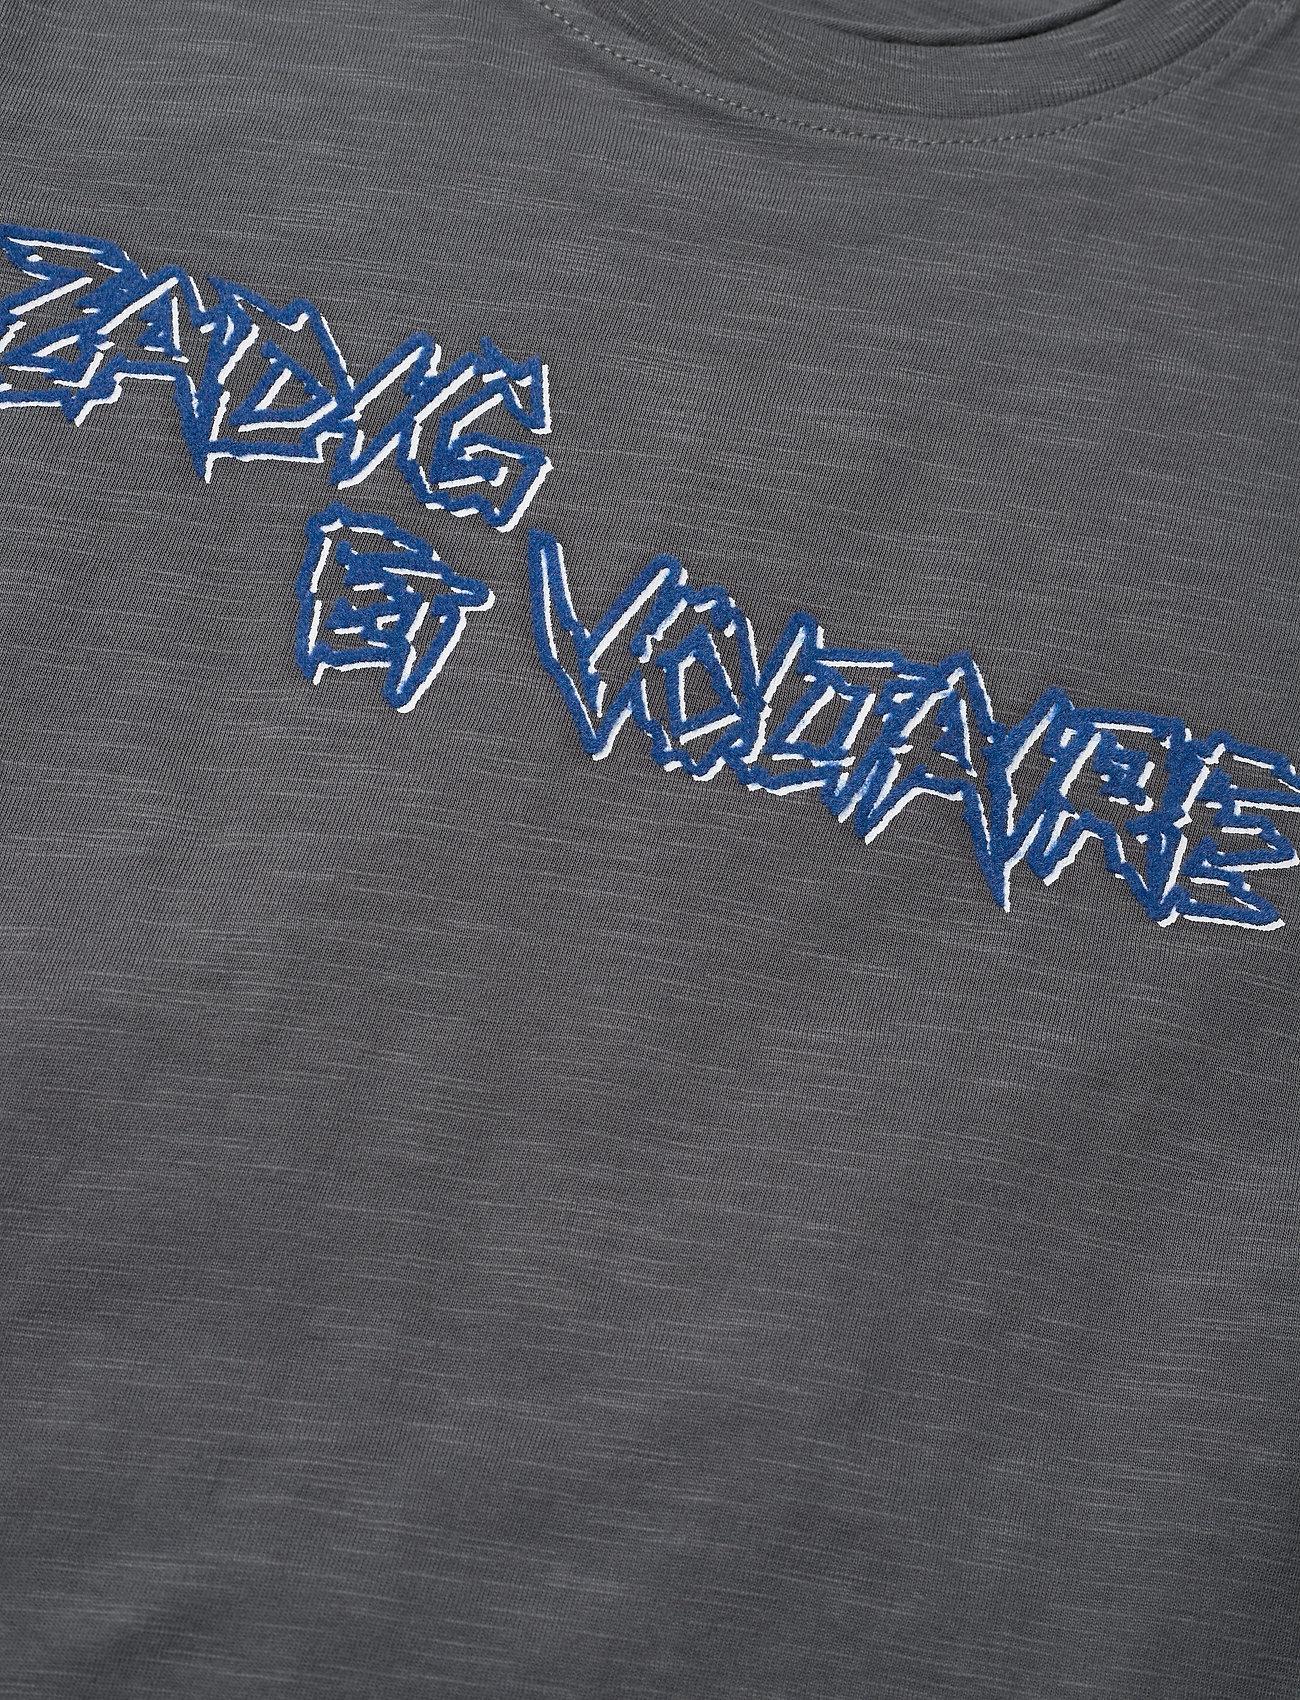 Zadig & Voltaire Kids Short Sleeves Tee-shirt - Överdelar Medium Grey